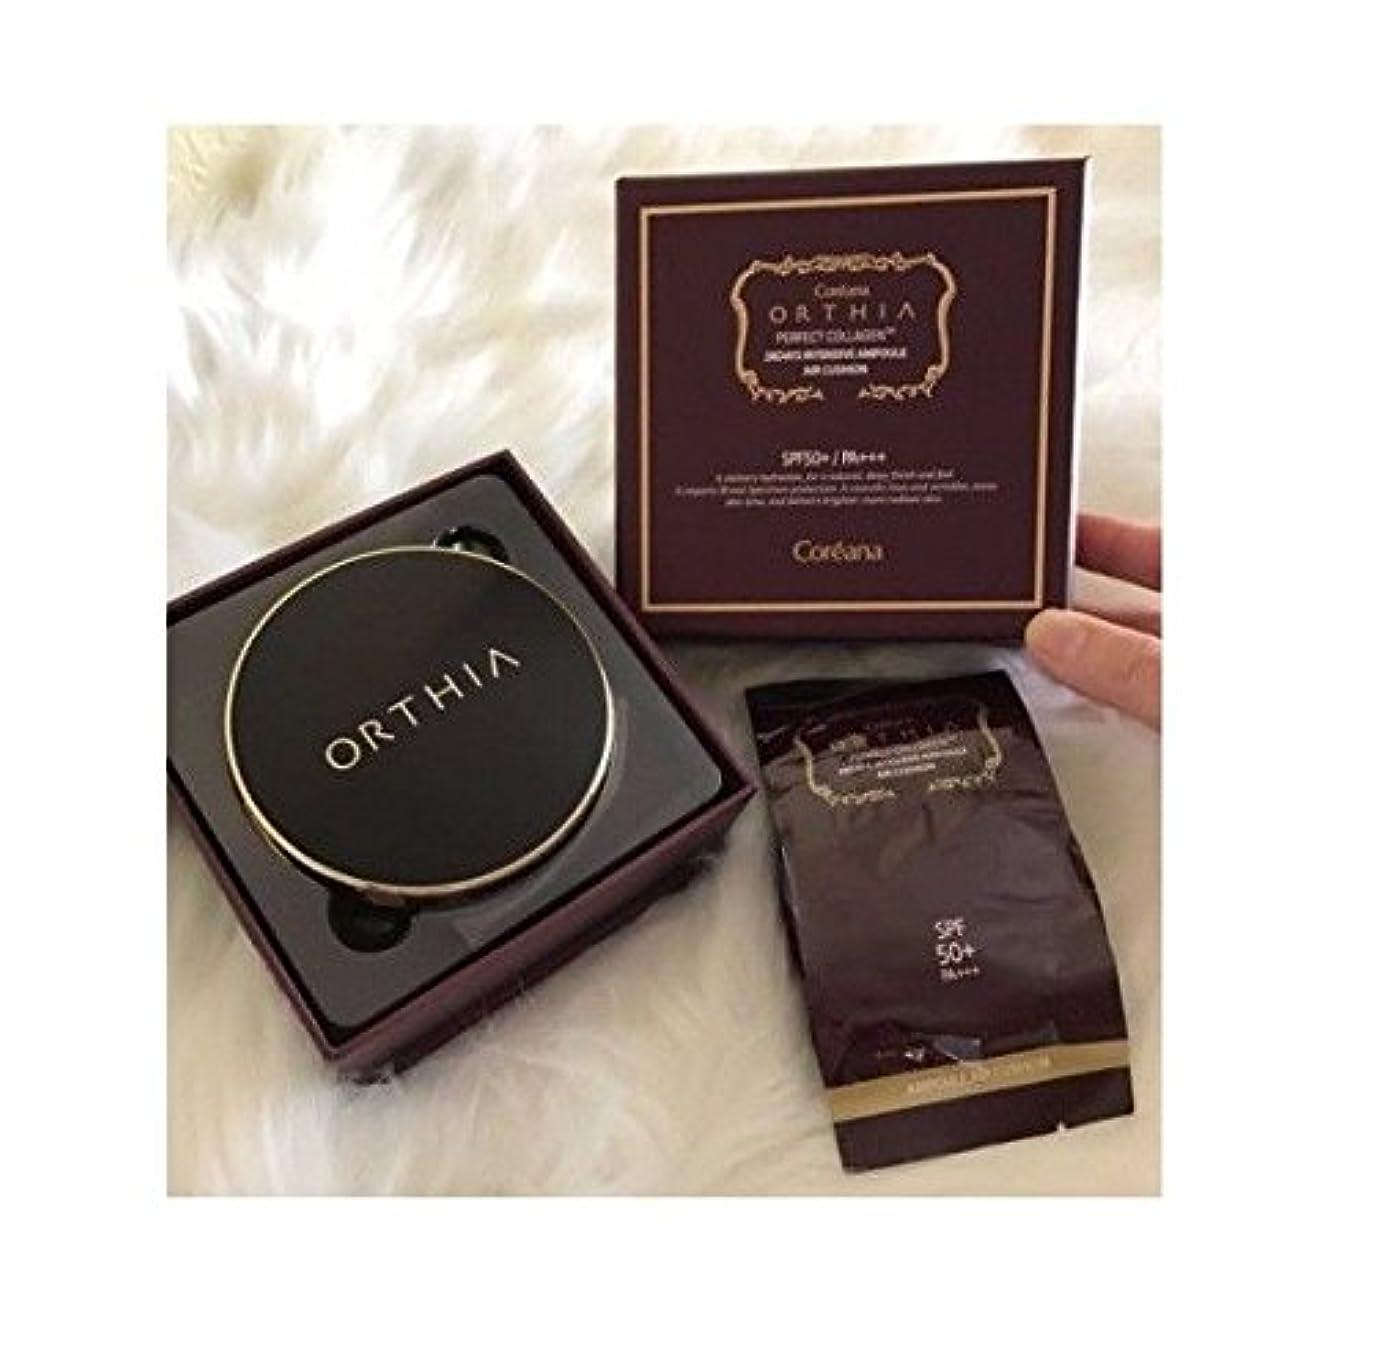 代名詞分用心深いCoreana Orthia Perfect Collagen 28days Intensive Air Cushion SPF50+/PA+++(15g + Refill 15g)/Korea Cosmetics